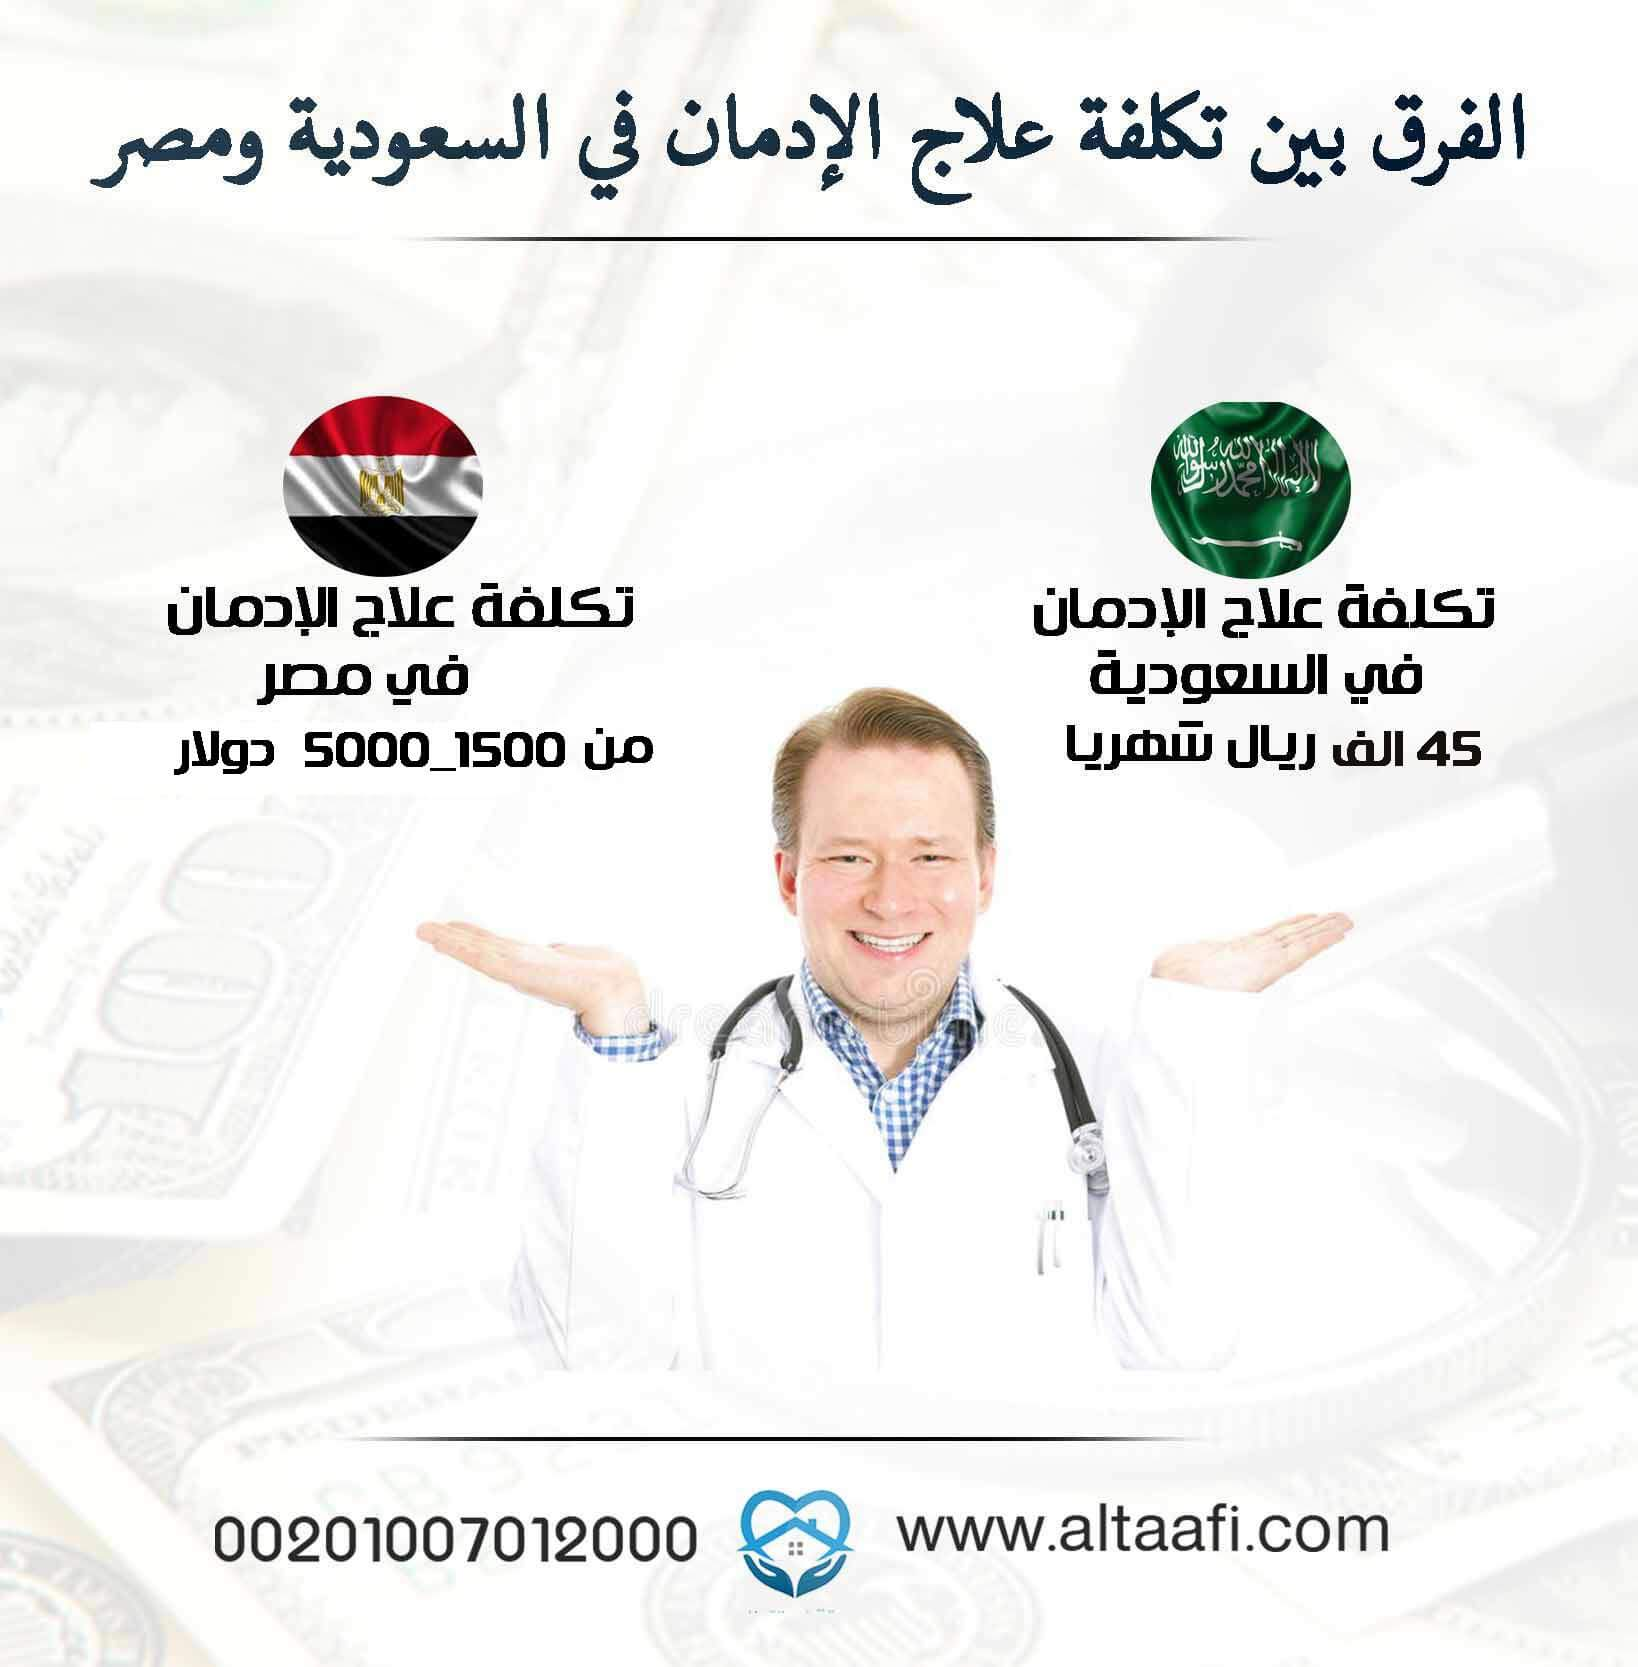 الفرق بين تكلفة علاج الإدمان في السعودية ومصر